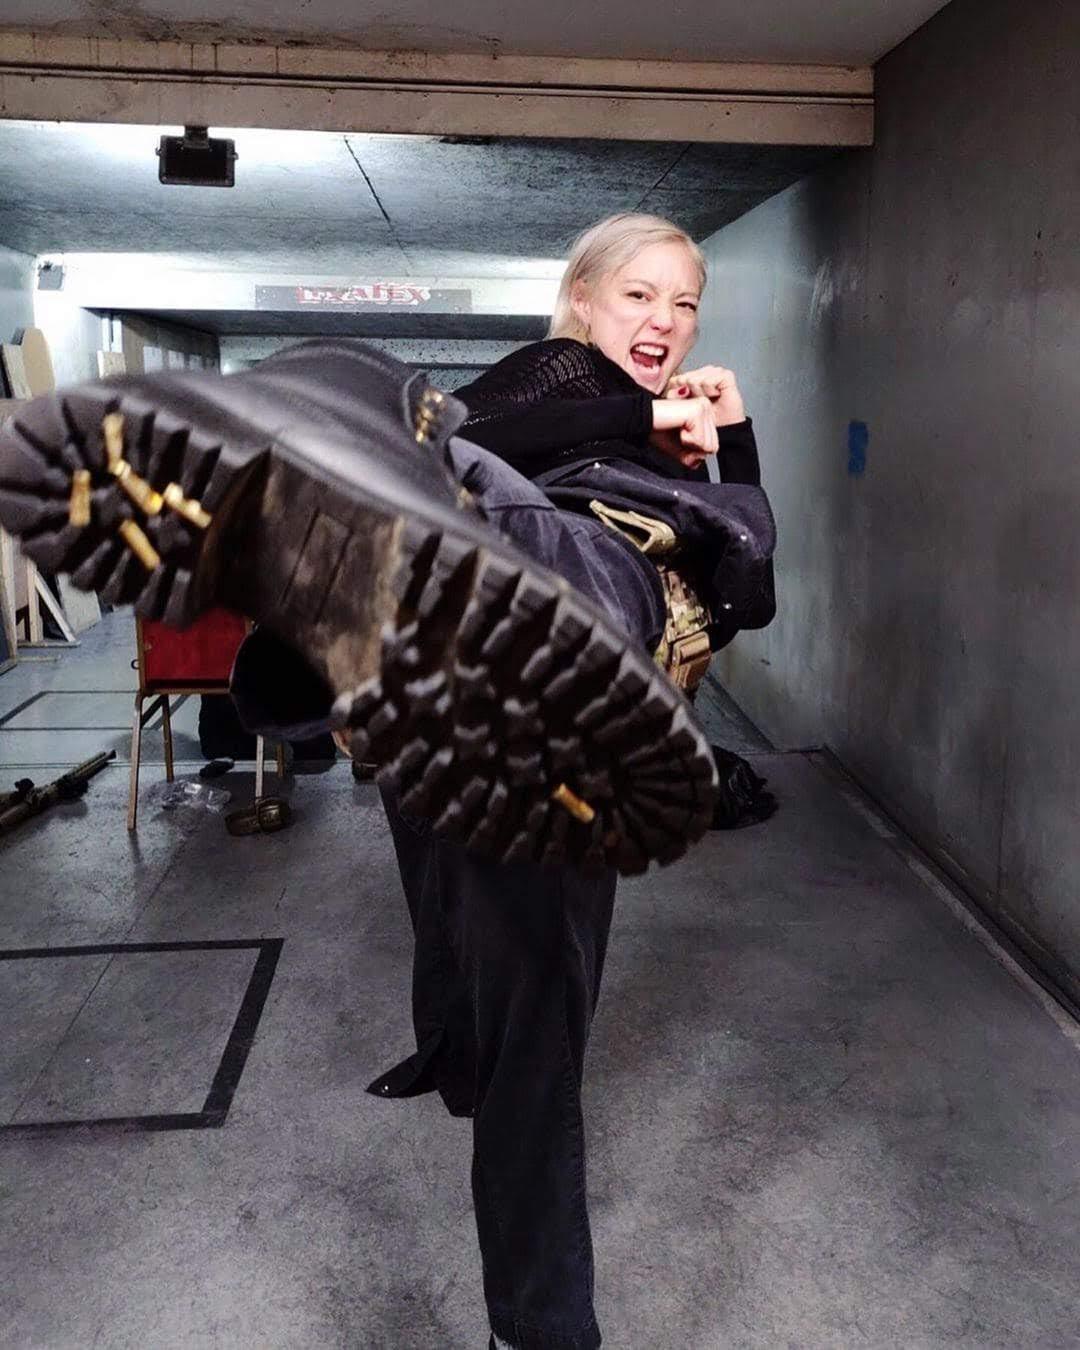 Mission Impossible : ポムちゃんキックを食らうがいい ! !、「ミッション : インポッシブル 7&8」の撮影開始に向けて、射撃の練習を始めたポマンティス ! !